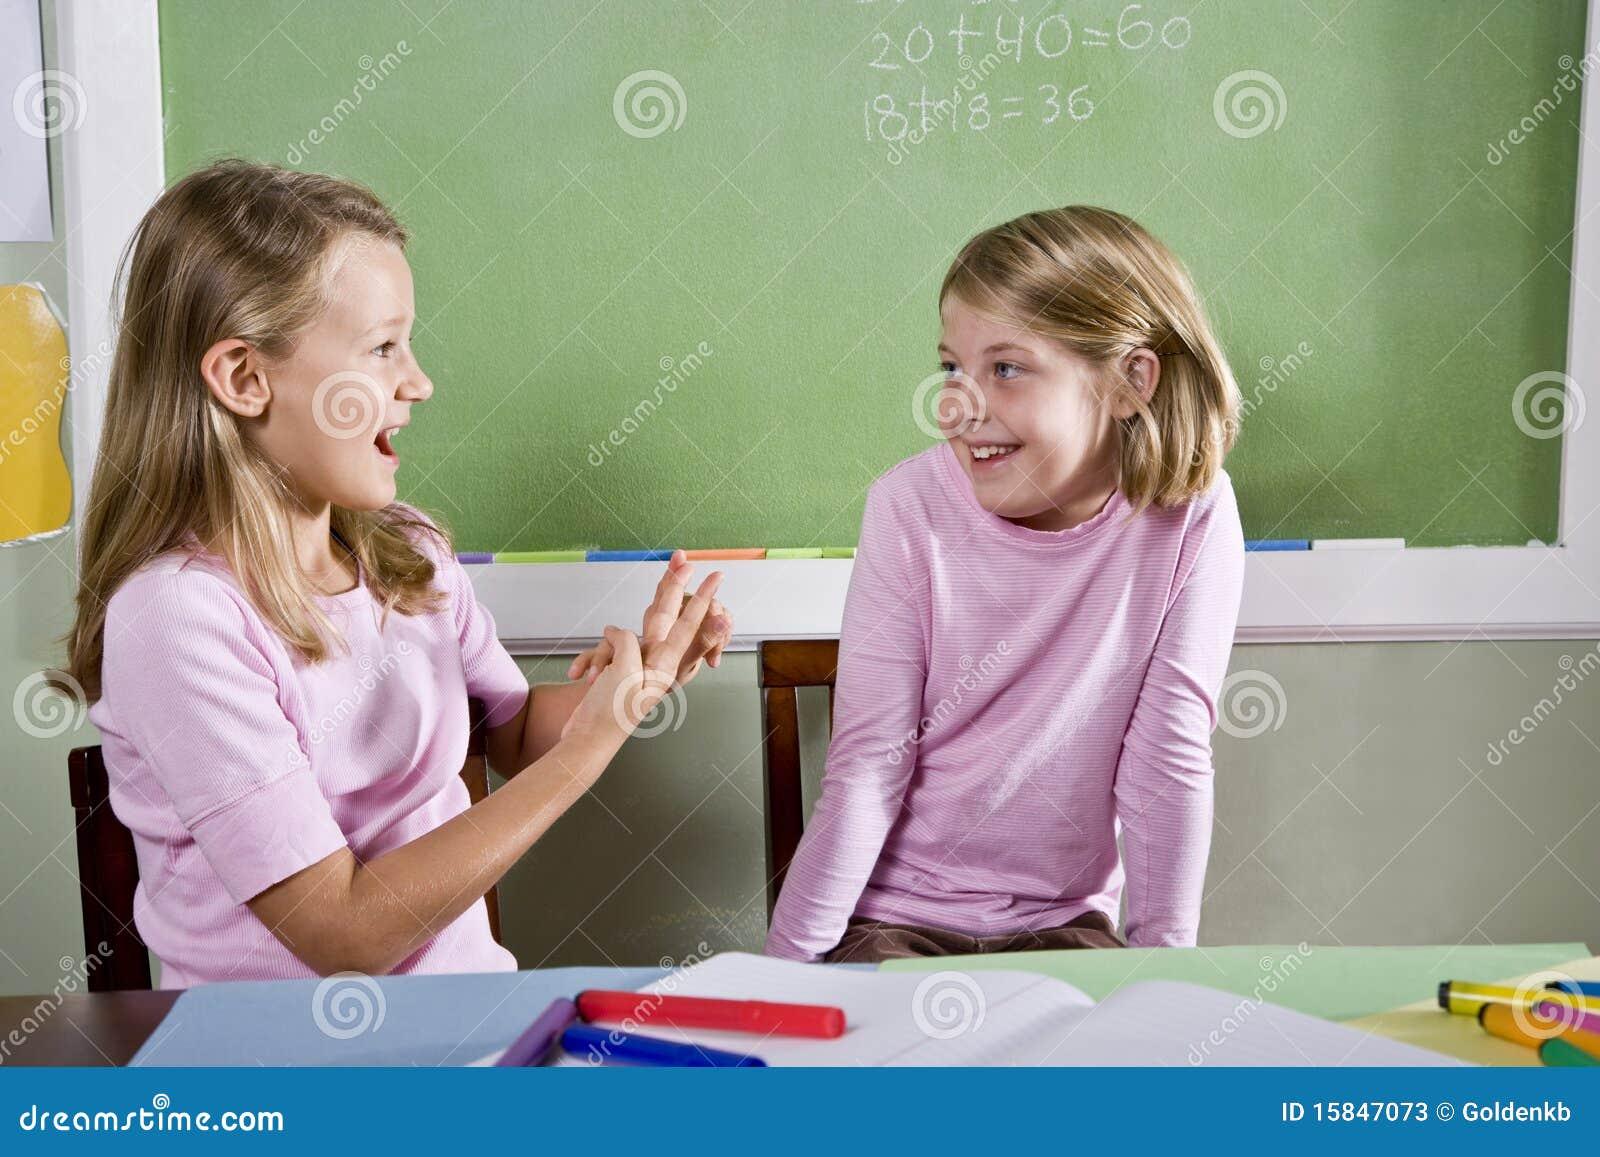 Friends in class talking